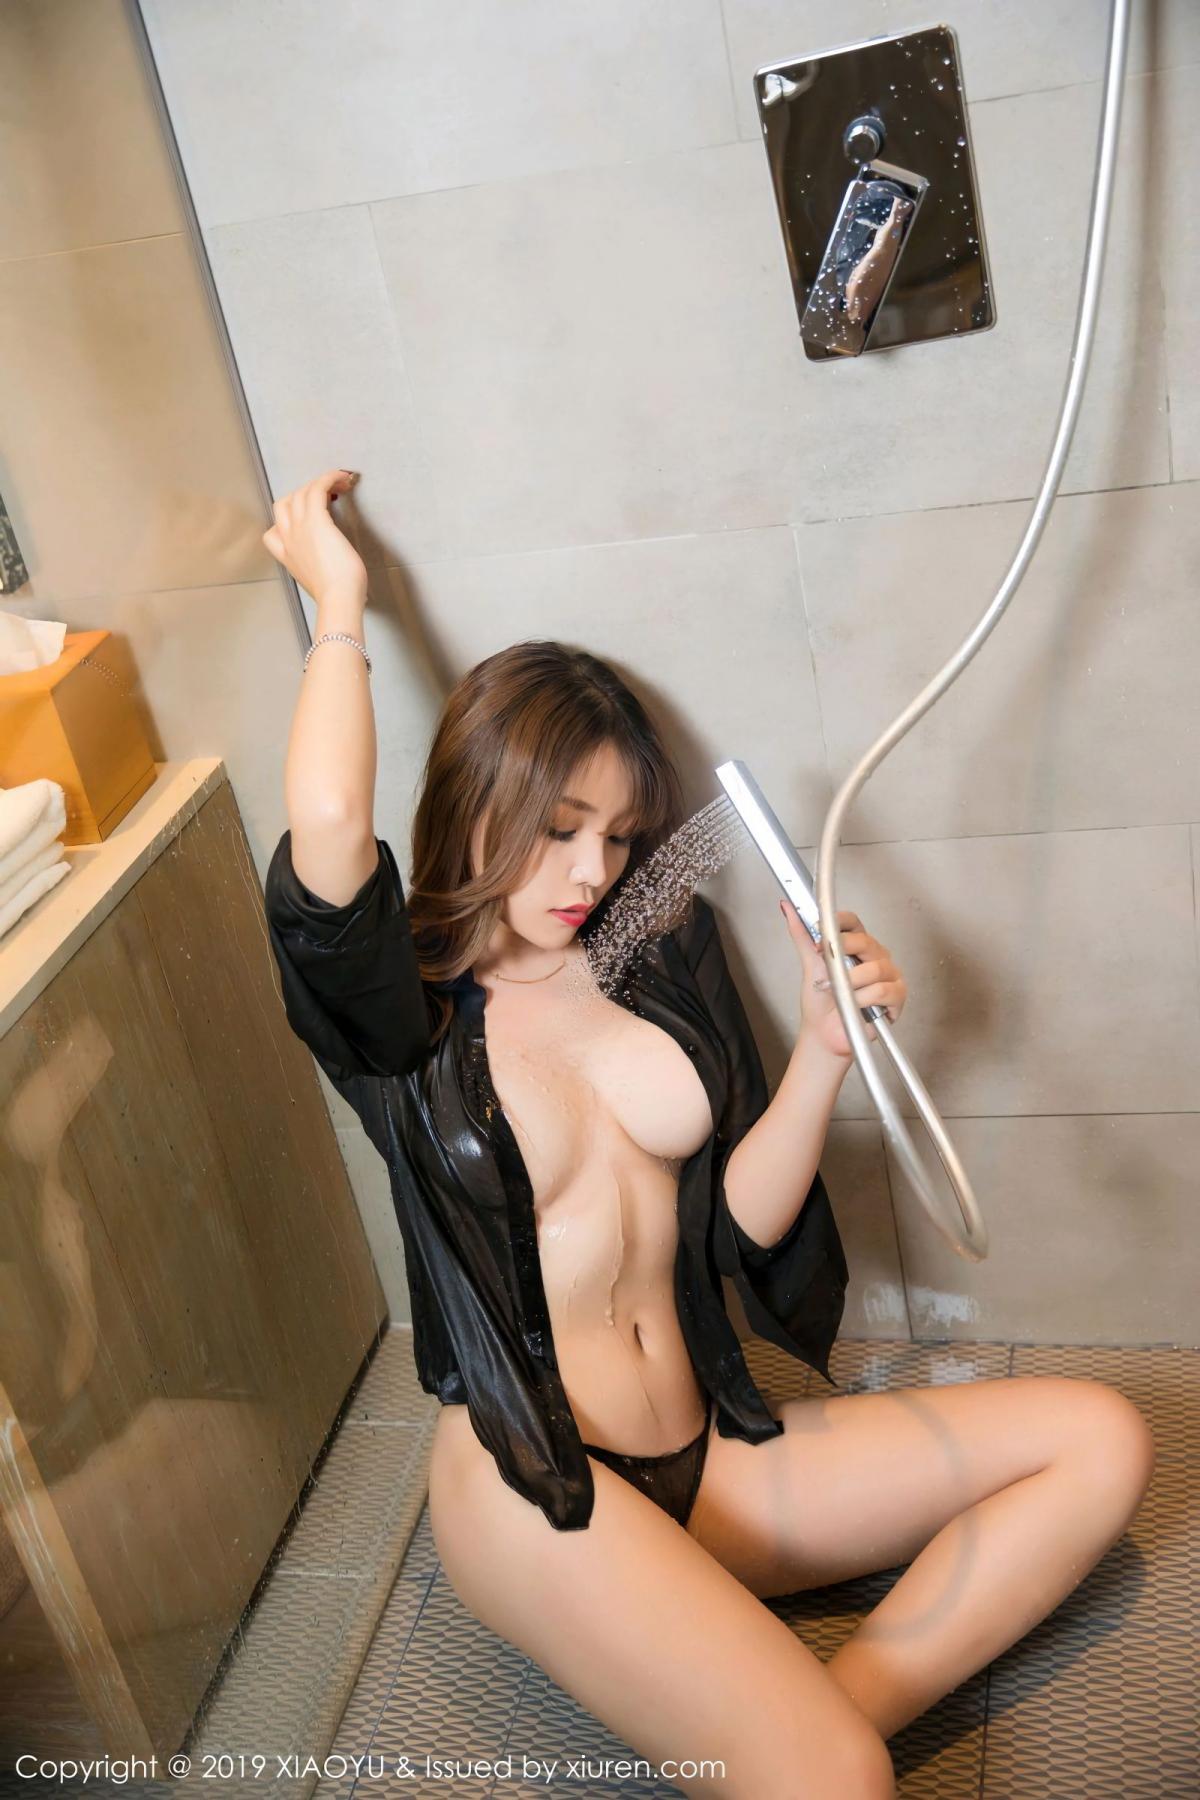 [XiaoYu] Vol.105 Chen Zhi 37P, Bathroom, Big Booty, Chen Zhi, Wet, XiaoYu